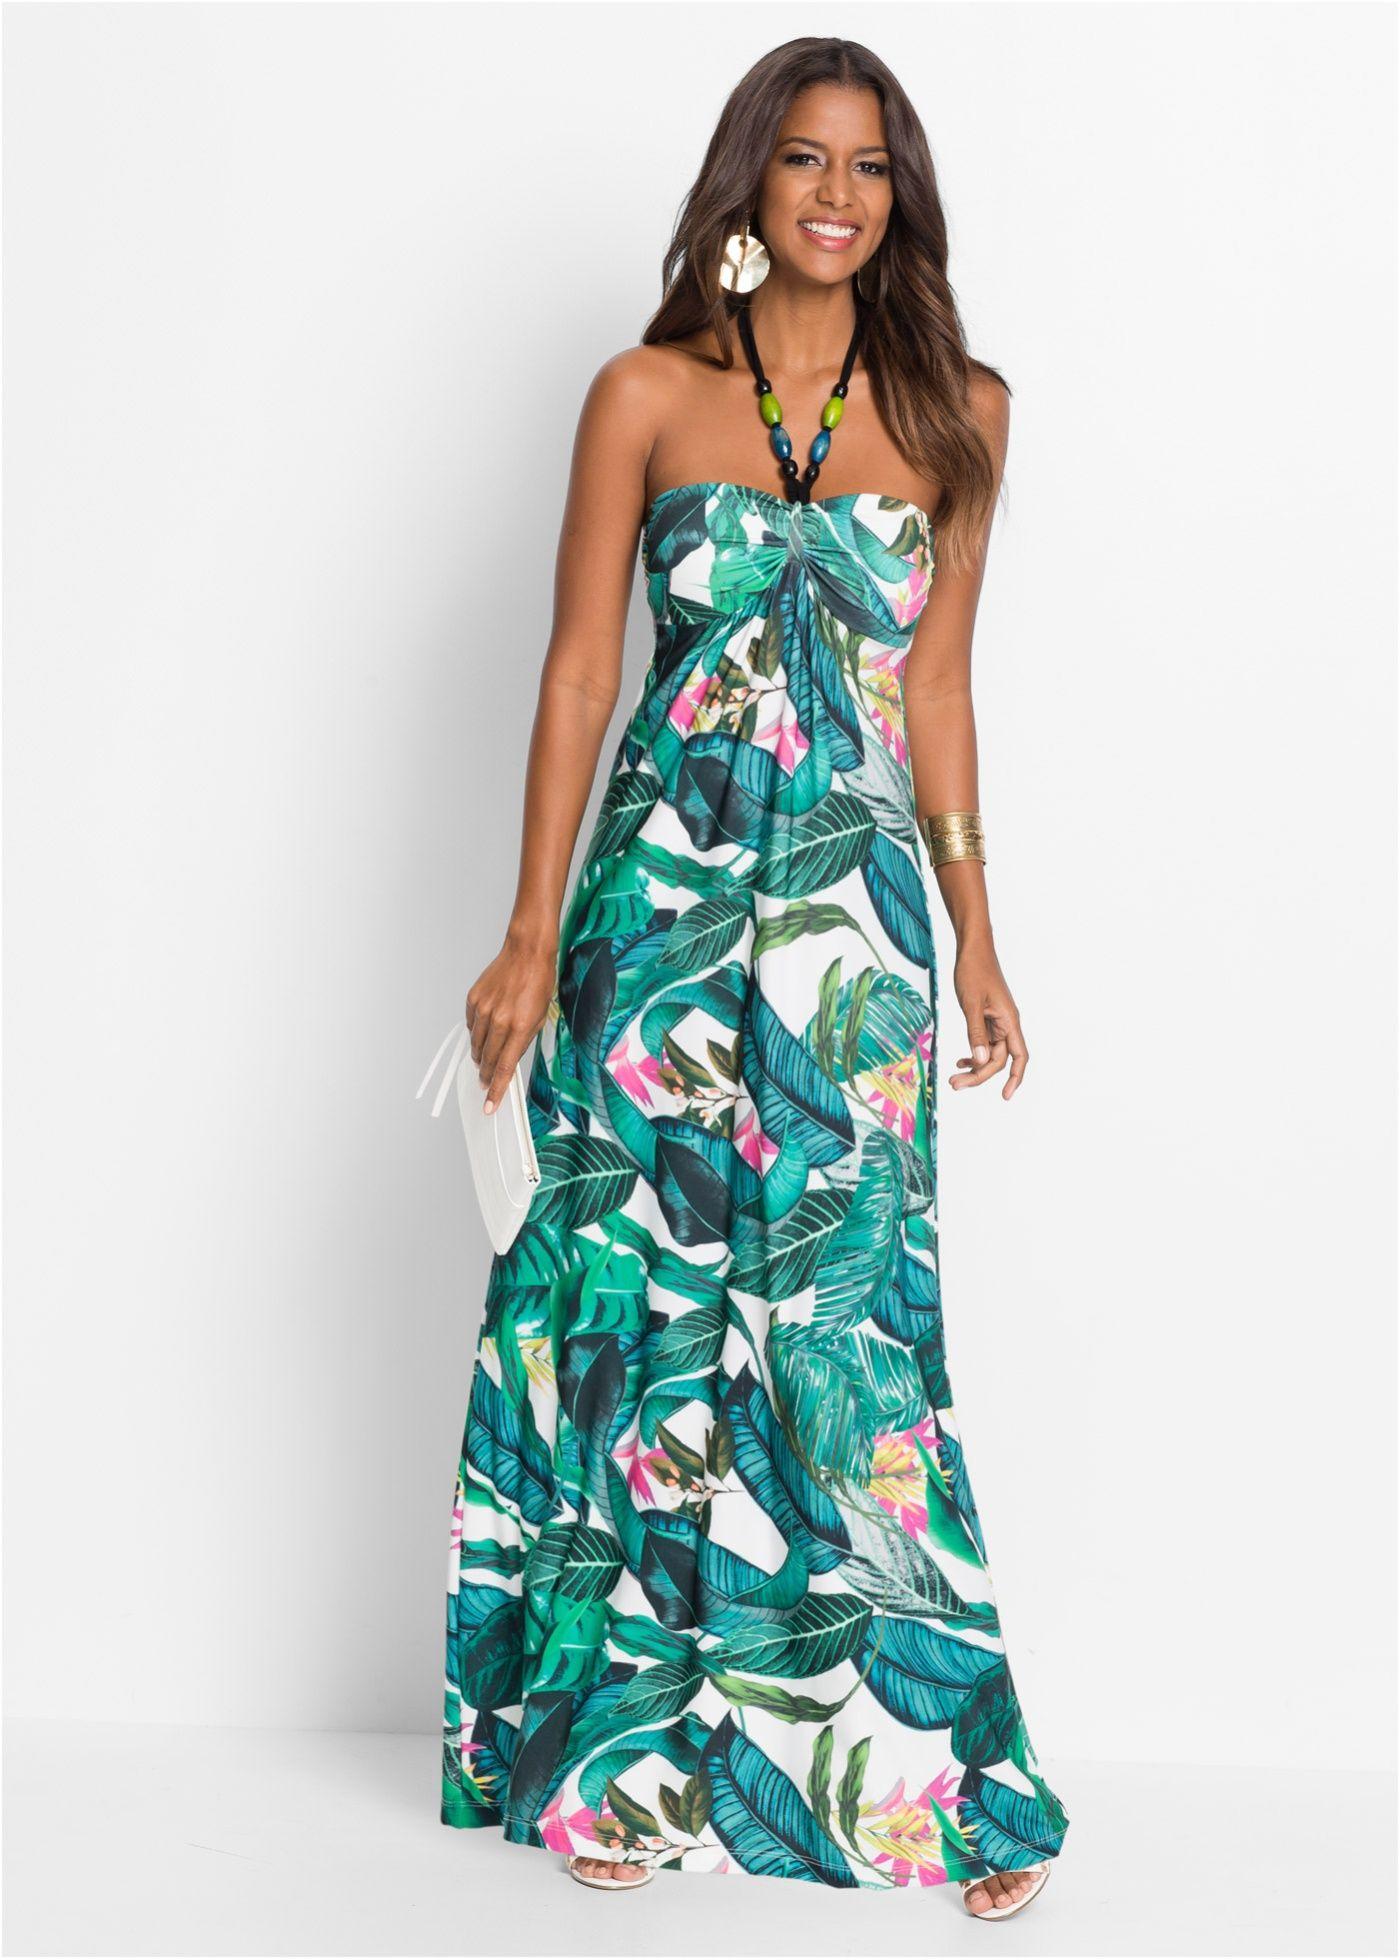 Sommerkleid lang grün geblümt - BODYFLIRT boutique jetzt im Online